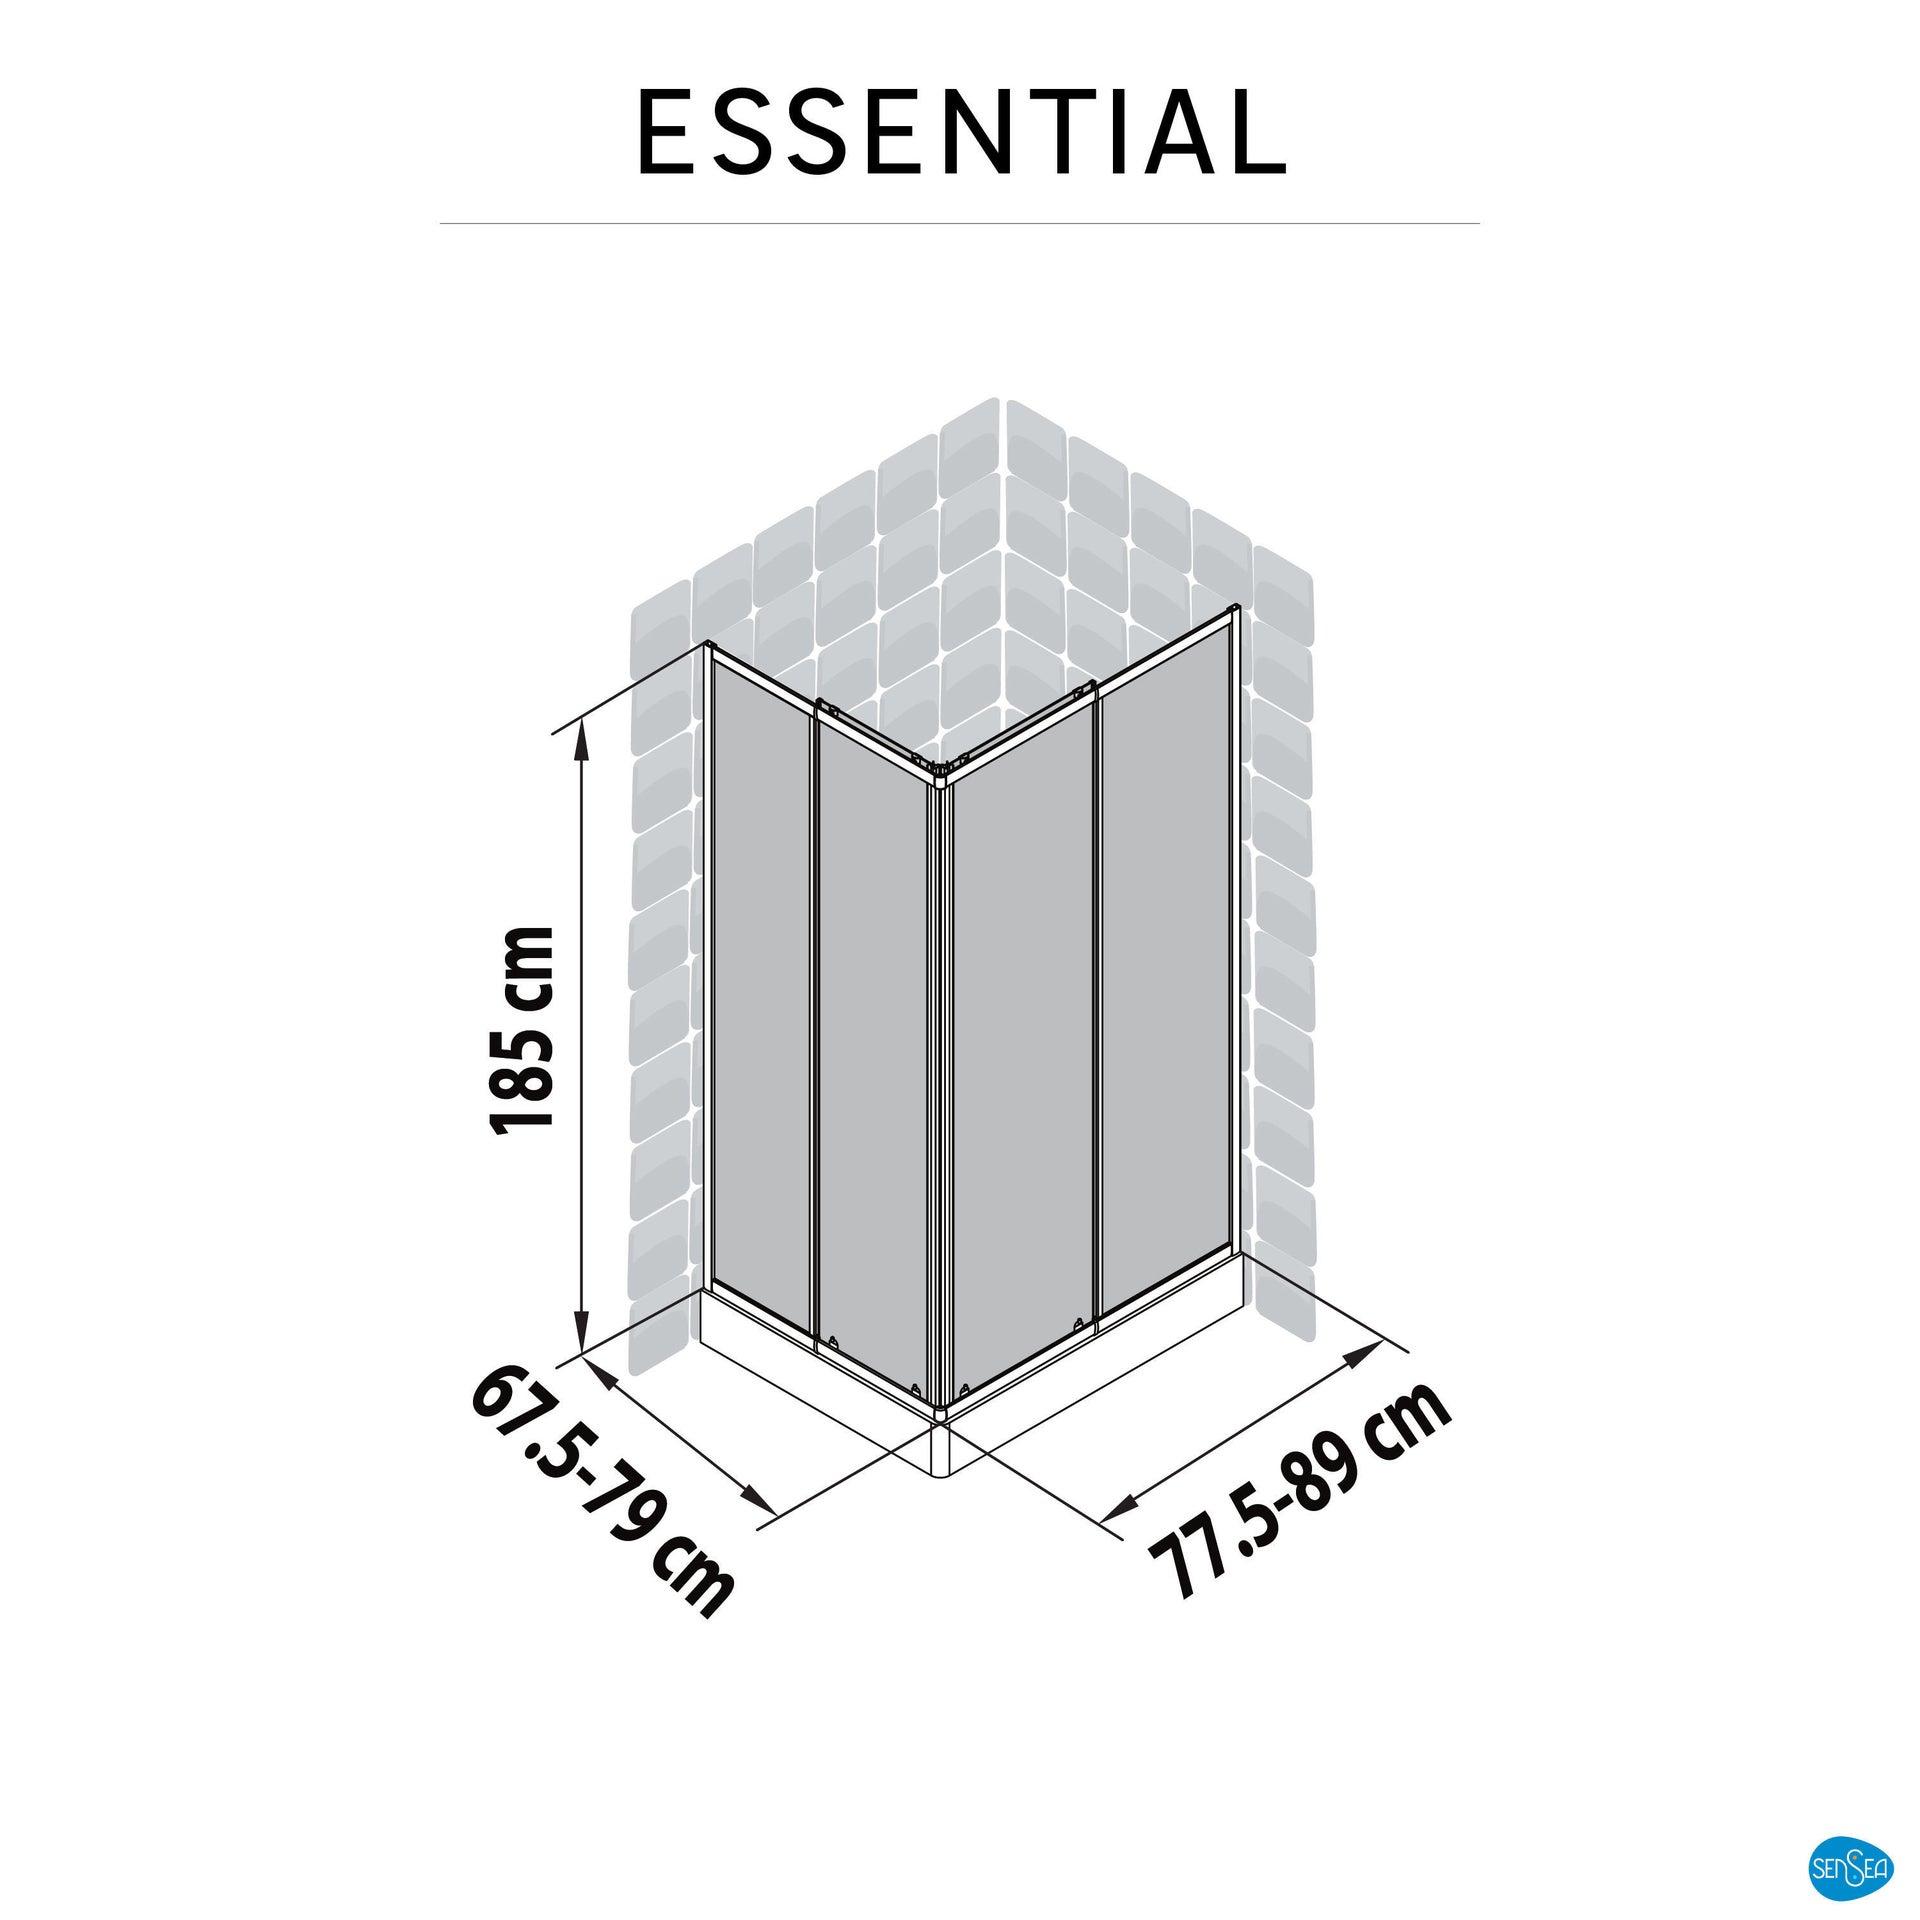 Box doccia rettangolare scorrevole Essential 70 x 90 cm, H 185 cm in vetro temprato, spessore 4 mm trasparente cromato - 2